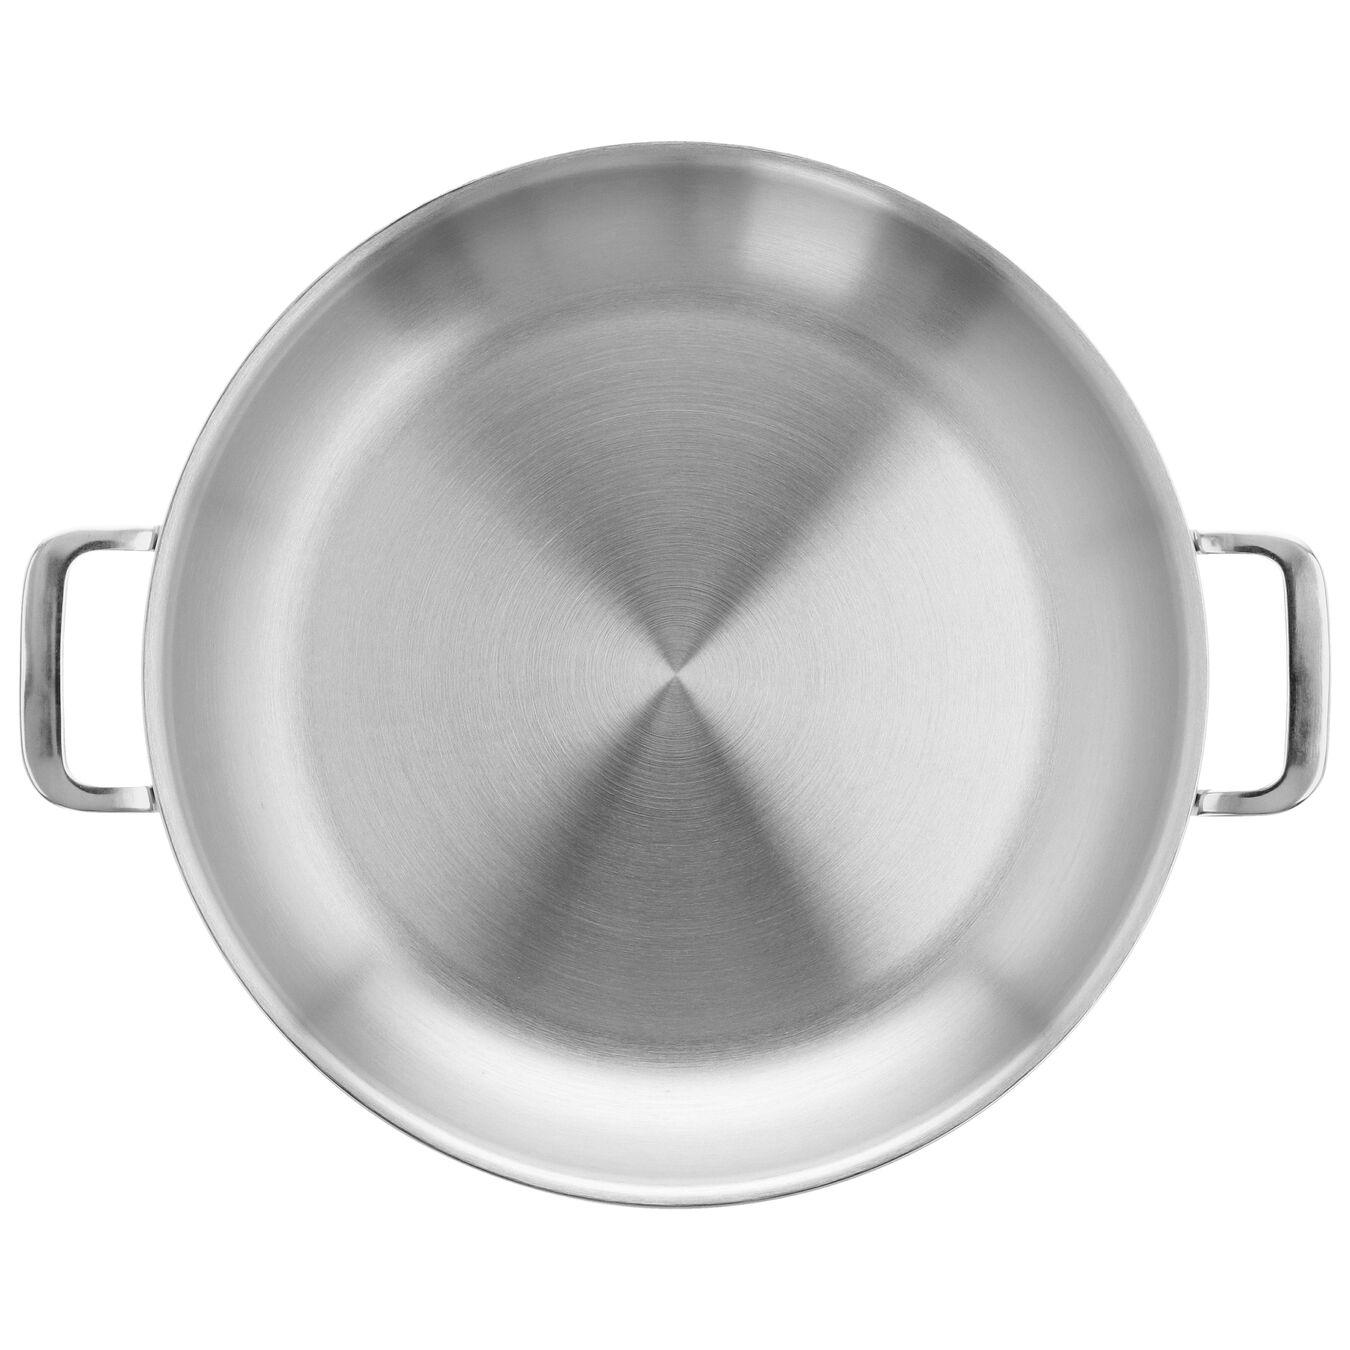 Poêle 32 cm, Inox 18/10, Argent,,large 4